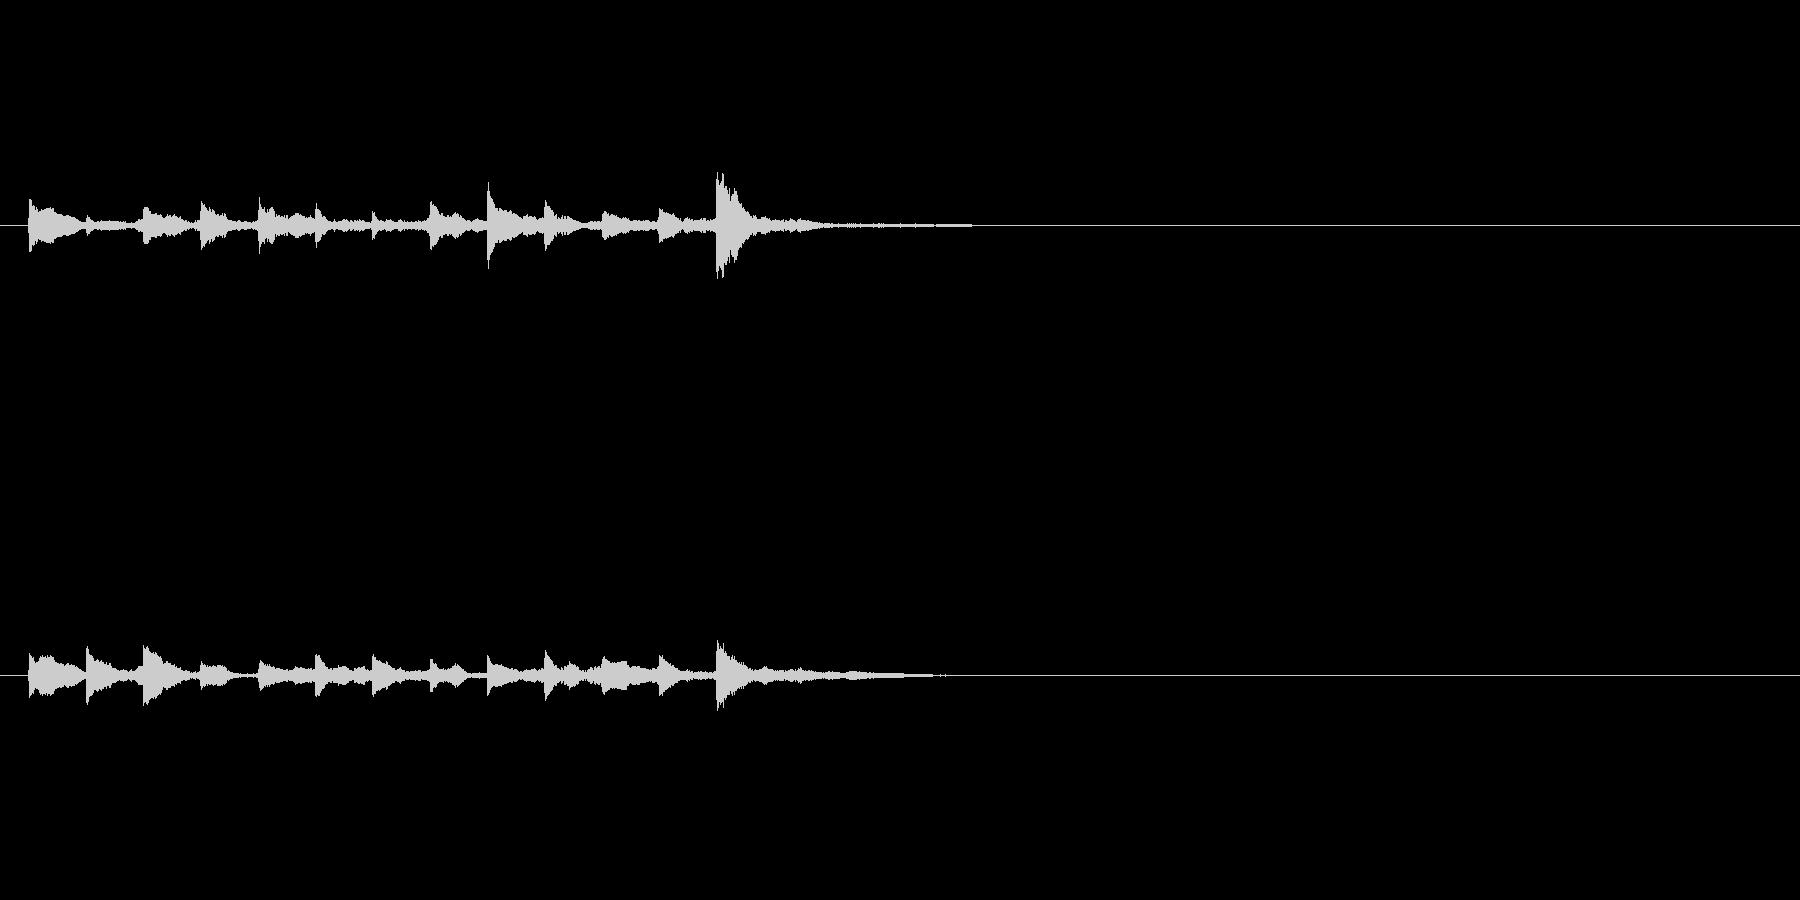 RPGの宿屋 システム音の未再生の波形